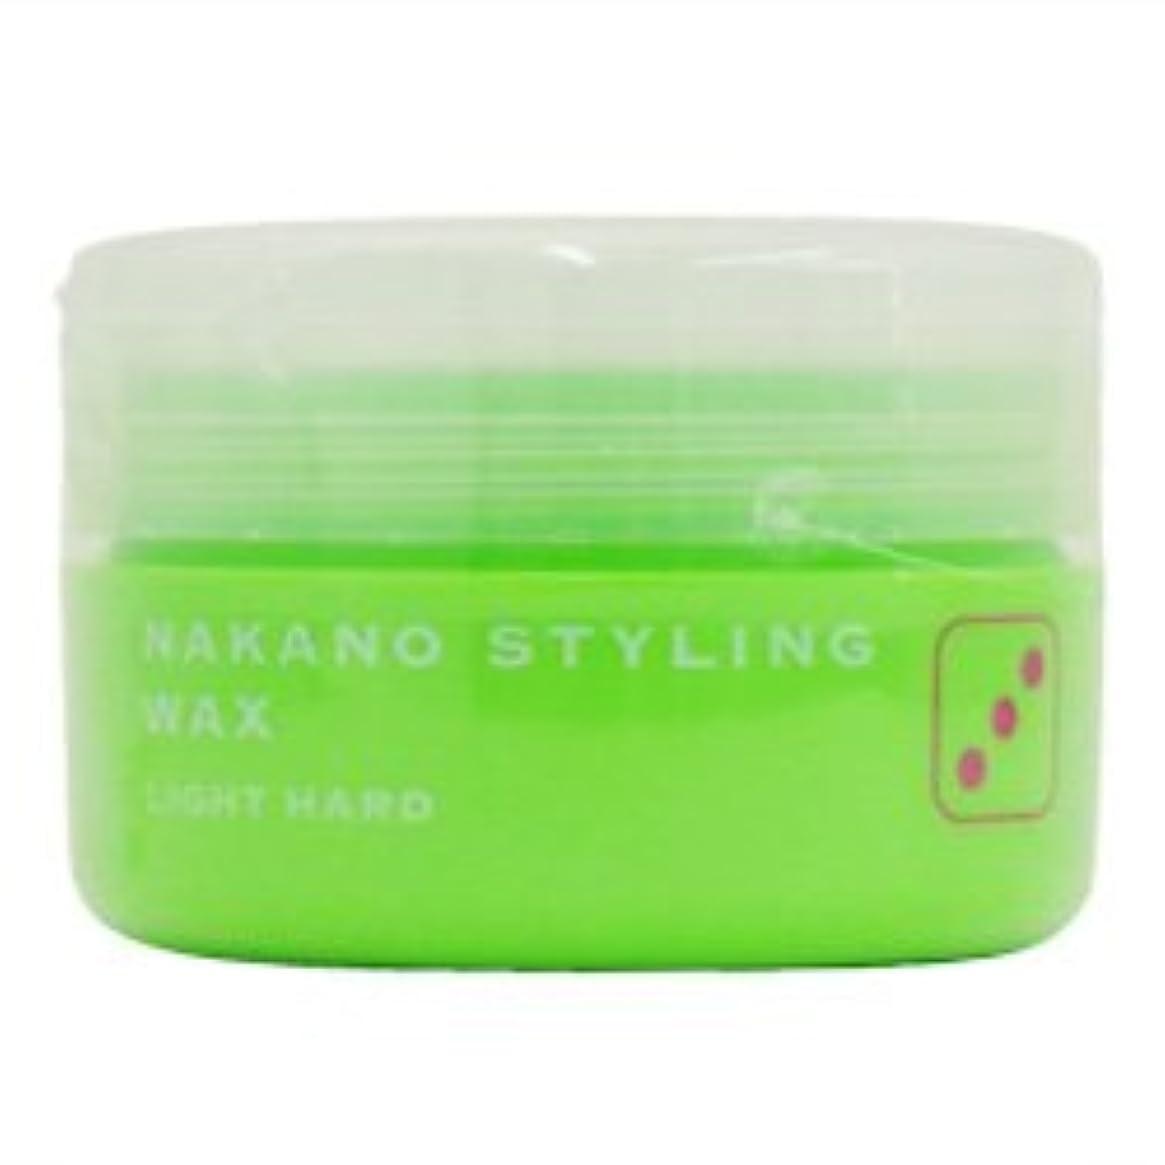 緑つかまえる移住するナカノ スタイリングワックス 3 ライトハード 90g 中野製薬 NAKANO